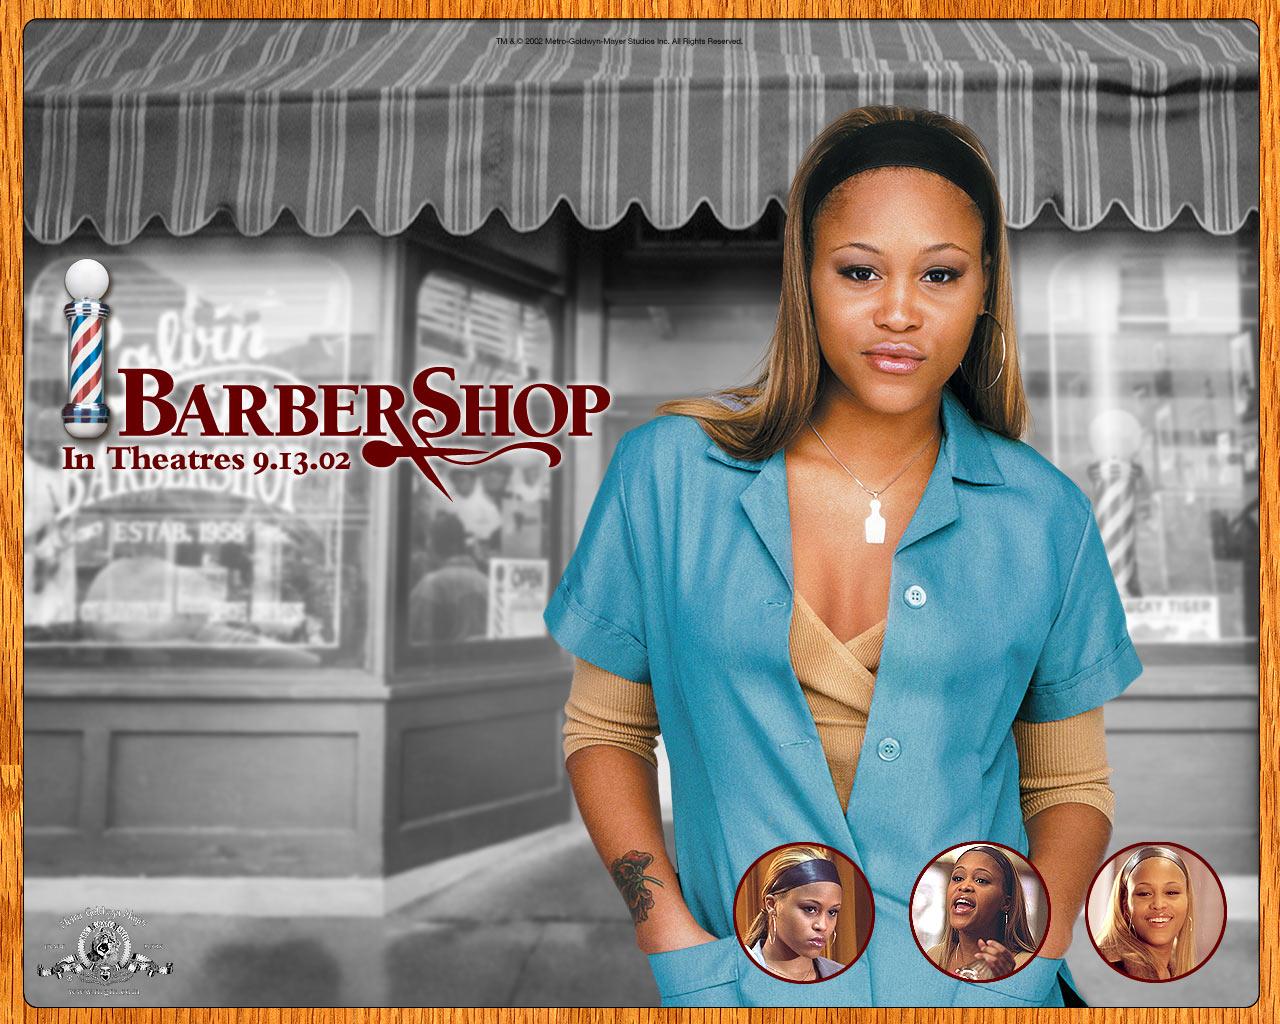 Barbershop Actors : Barbershop Wallpapers